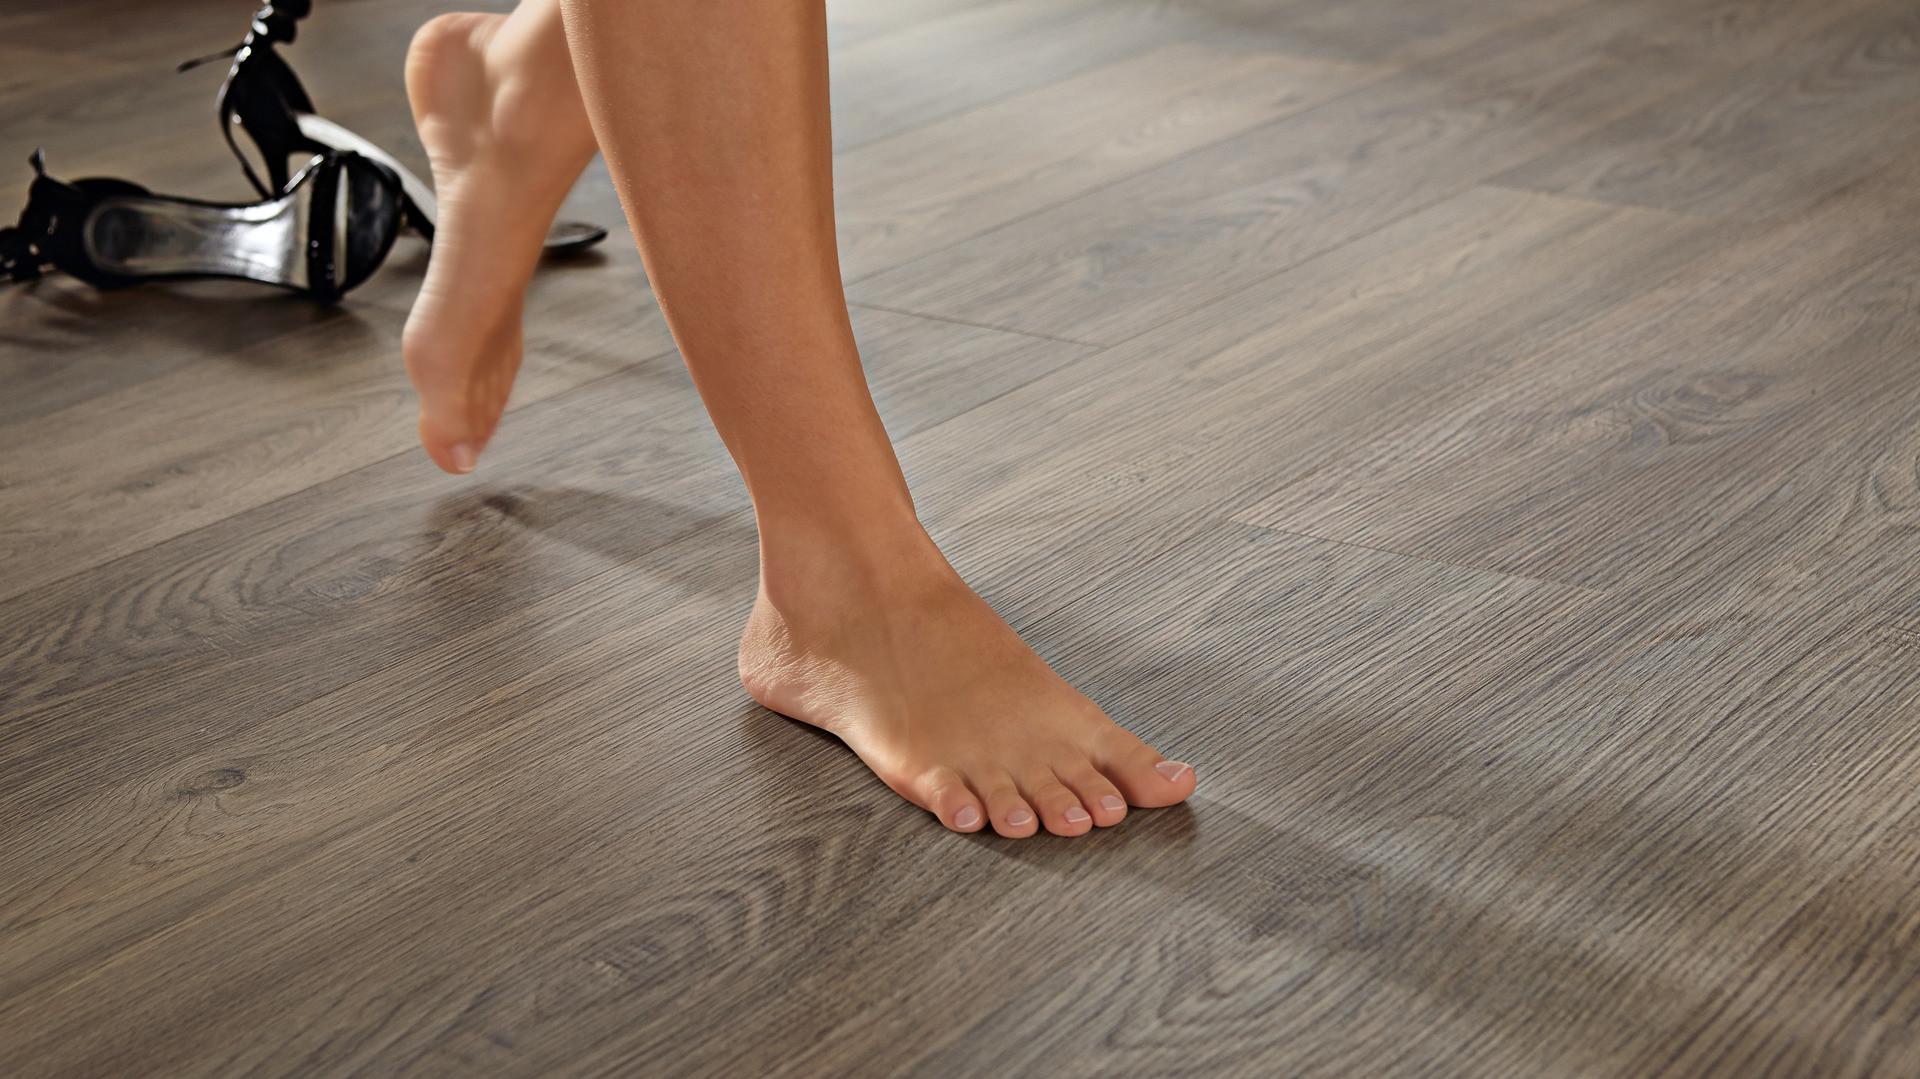 Nackte Füße auf einem Holzboden